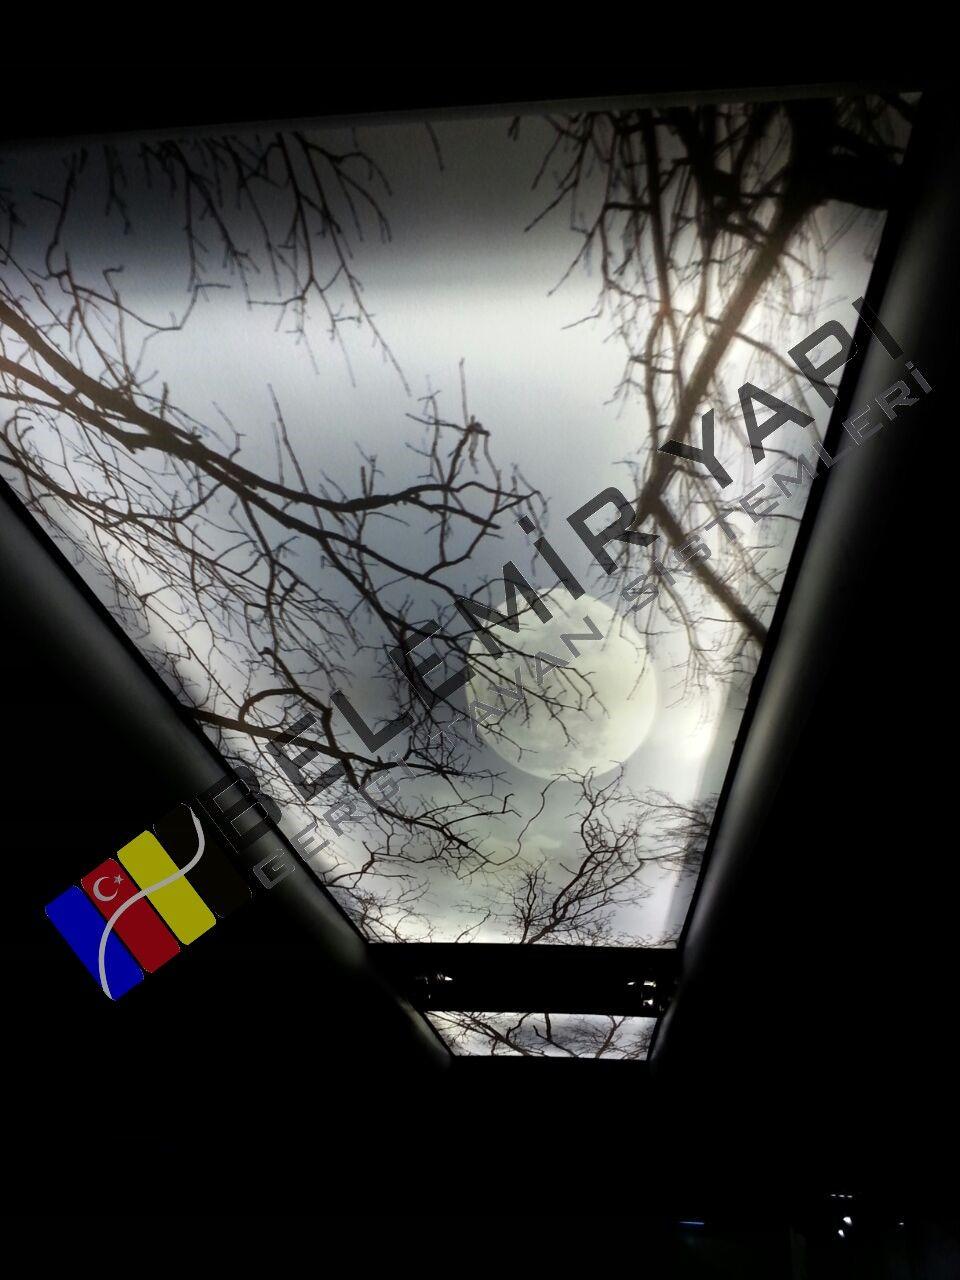 اسقف جبس اف ضوئية تصاميم جبس للاسقف اسعار الاسقف المشدودة احدث ديكور جبس بورد الديكورات الجبسية الحديثة اسقف حماما Mp3 Player Electronic Products